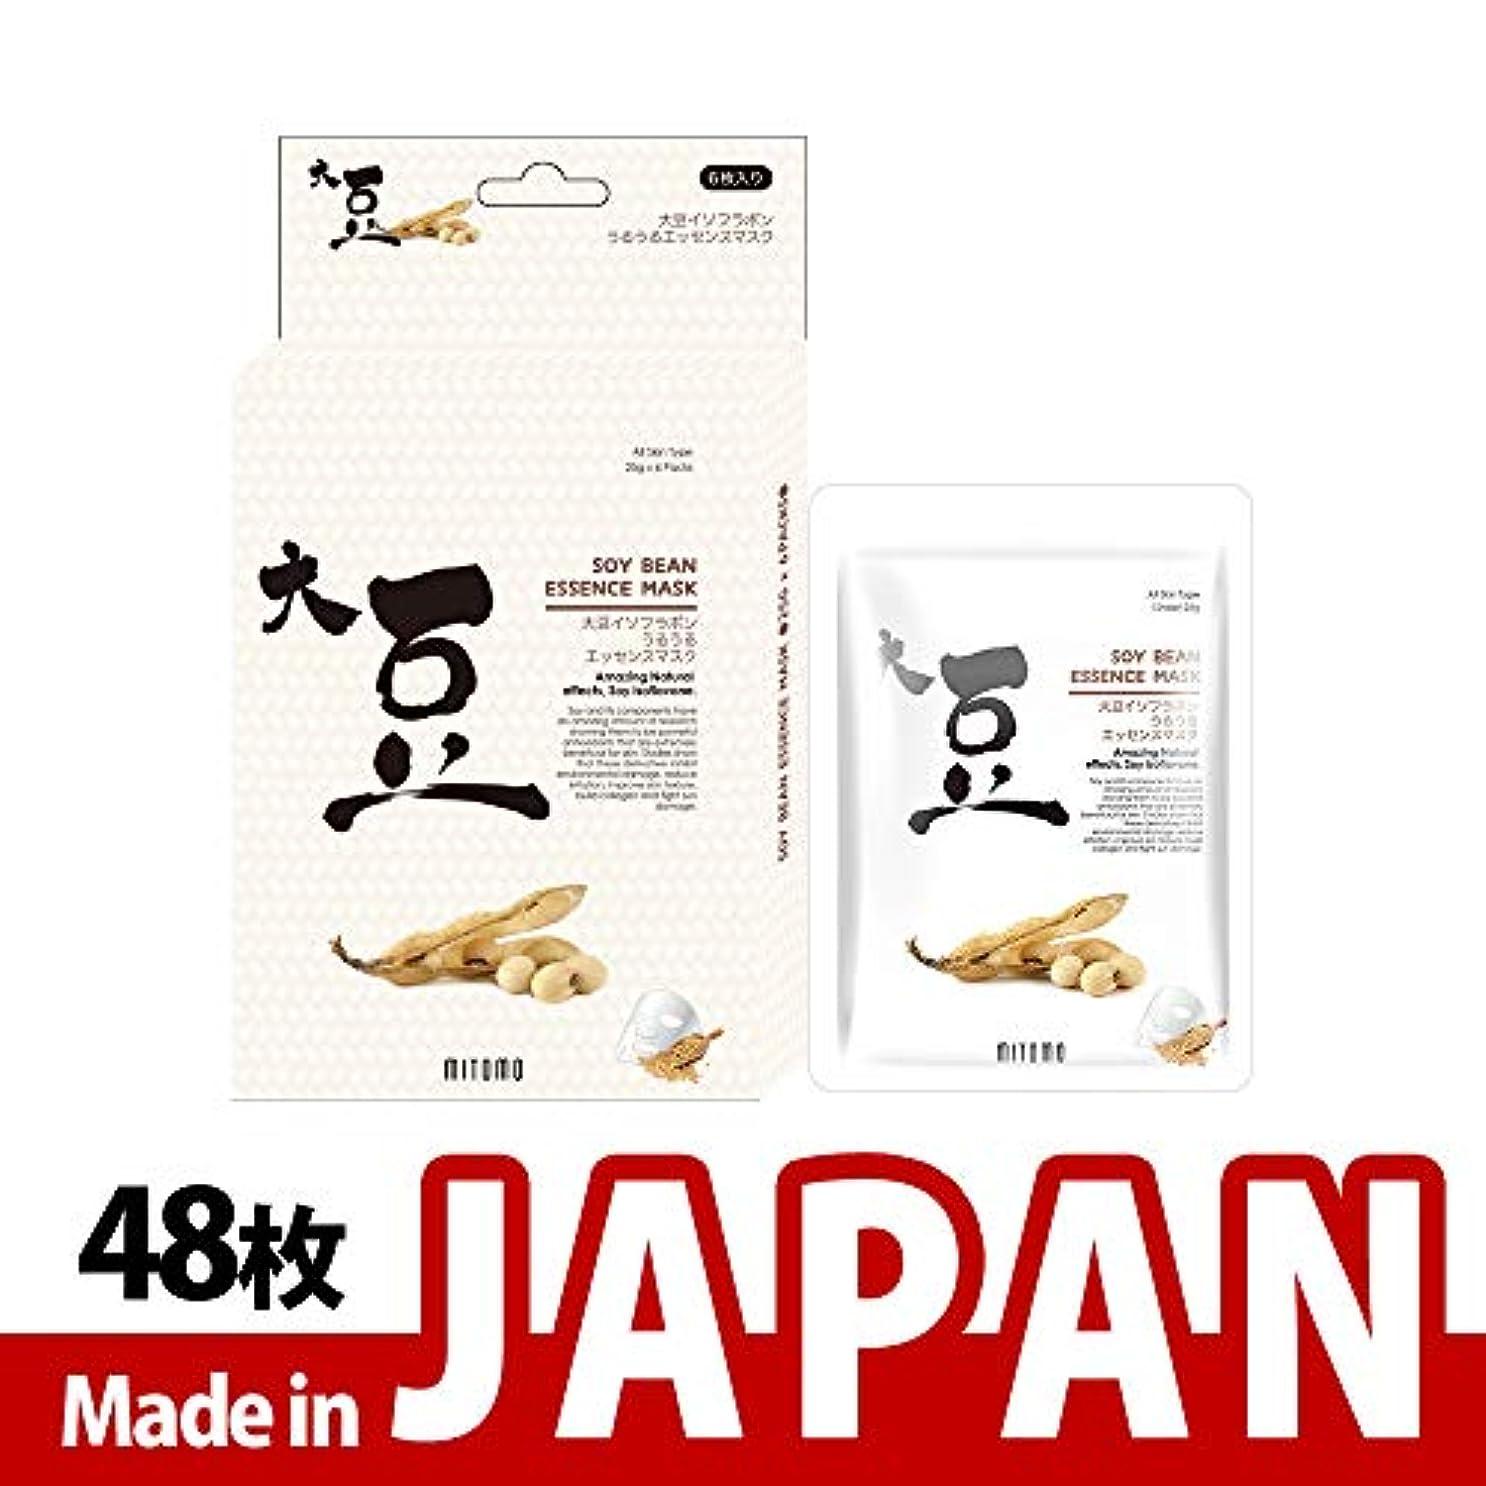 メンバーもつれ帰するMITOMO【JP512-D-2】日本製シートマスク/6枚入り/48枚/美容液/マスクパック/送料無料